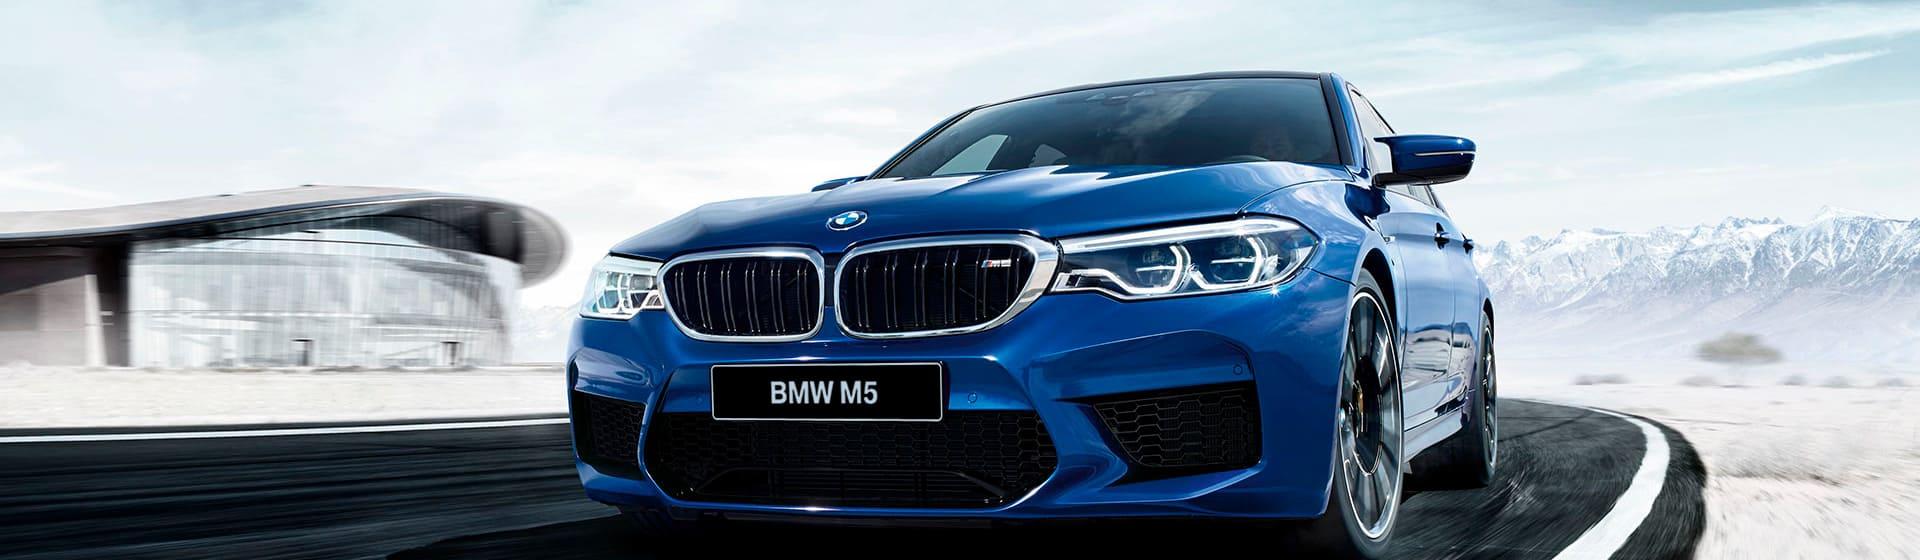 BMW - Мерч и одежда с атрибутикой